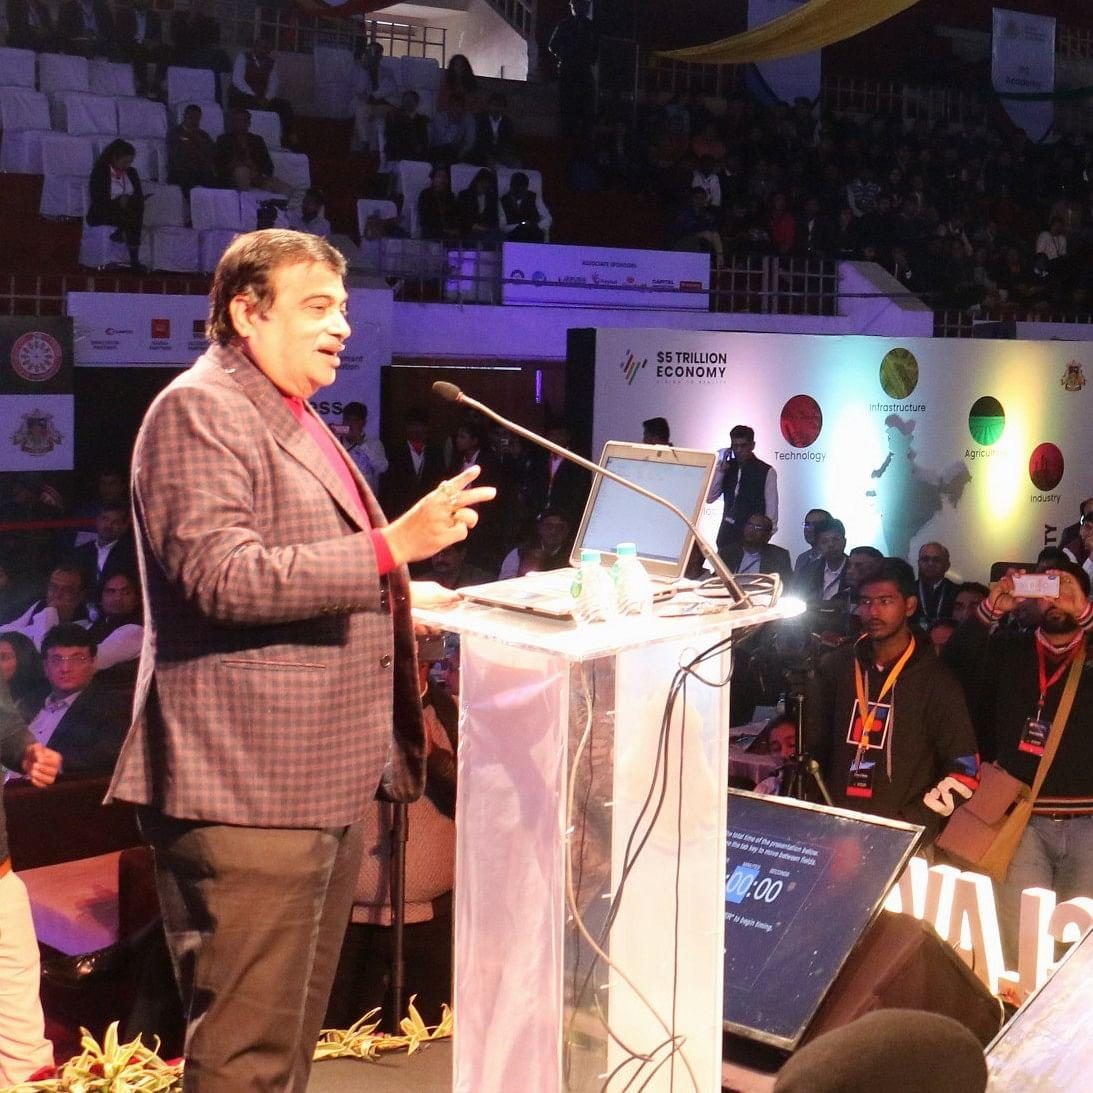 Dream, focus and achieve: Speakers at IMA conclave in Indore